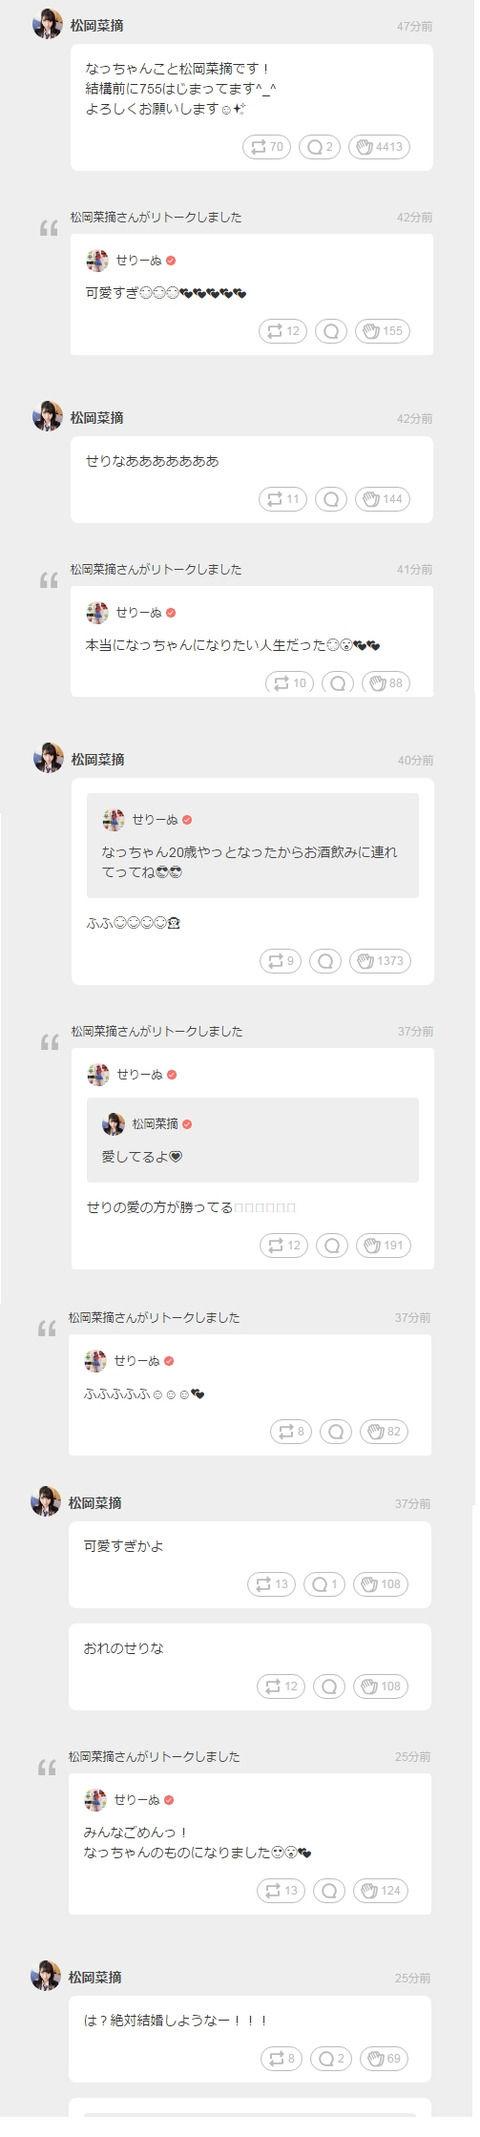 【画像アリ】 なつまど終了のお知らせ…?【HKT48】